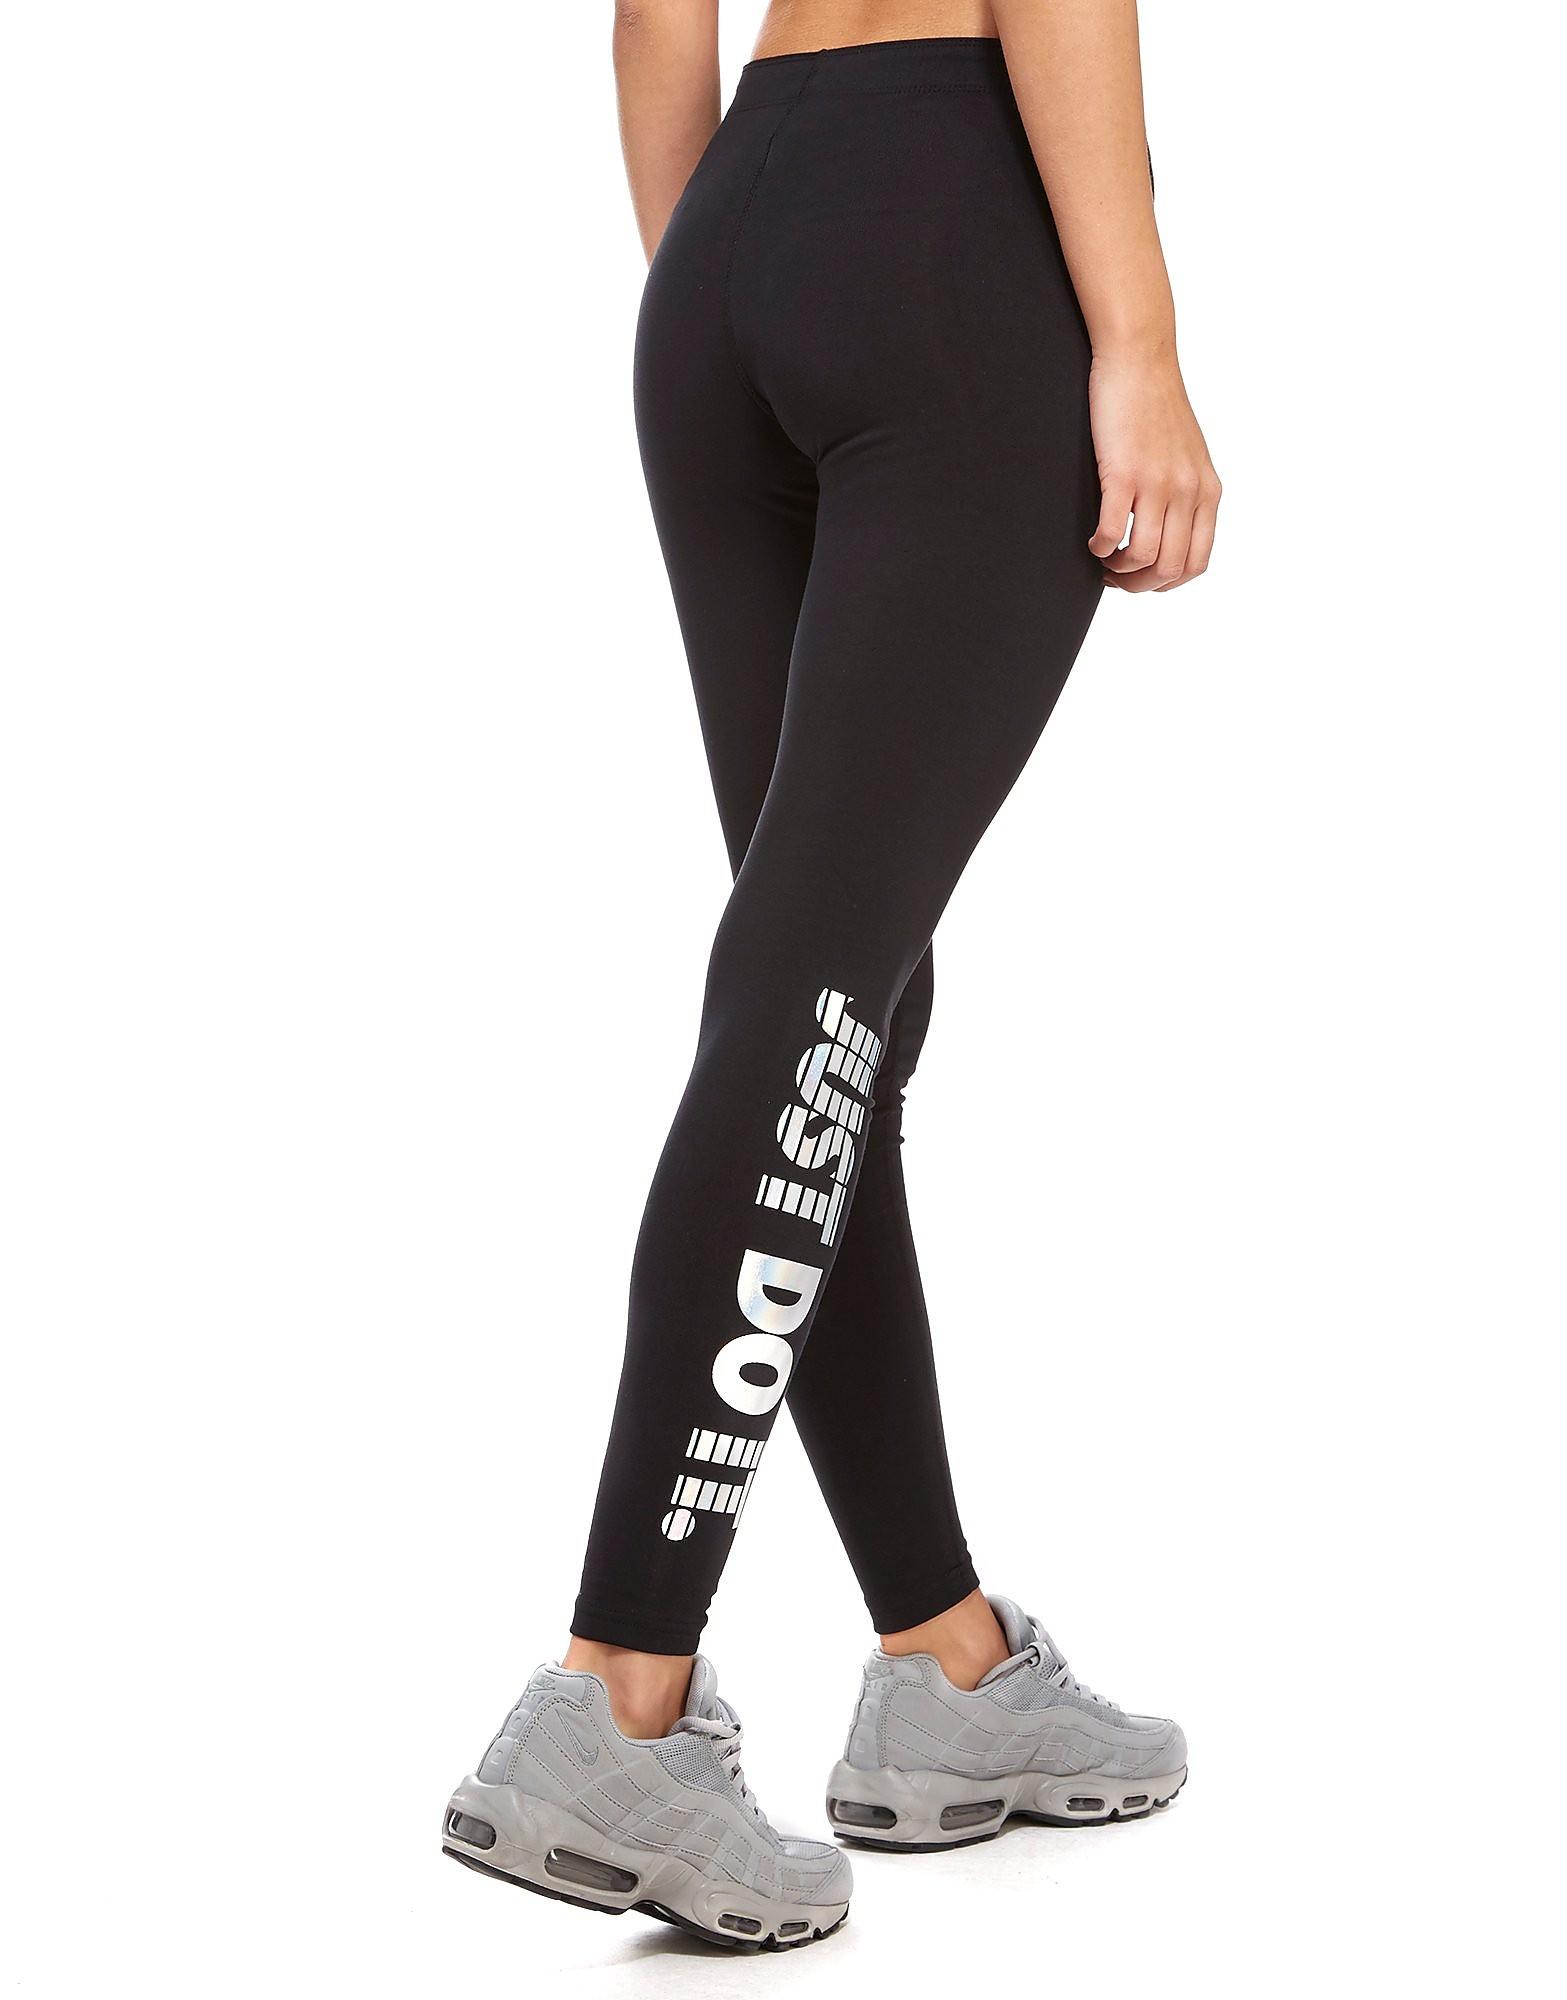 Nike Hologram Leggings